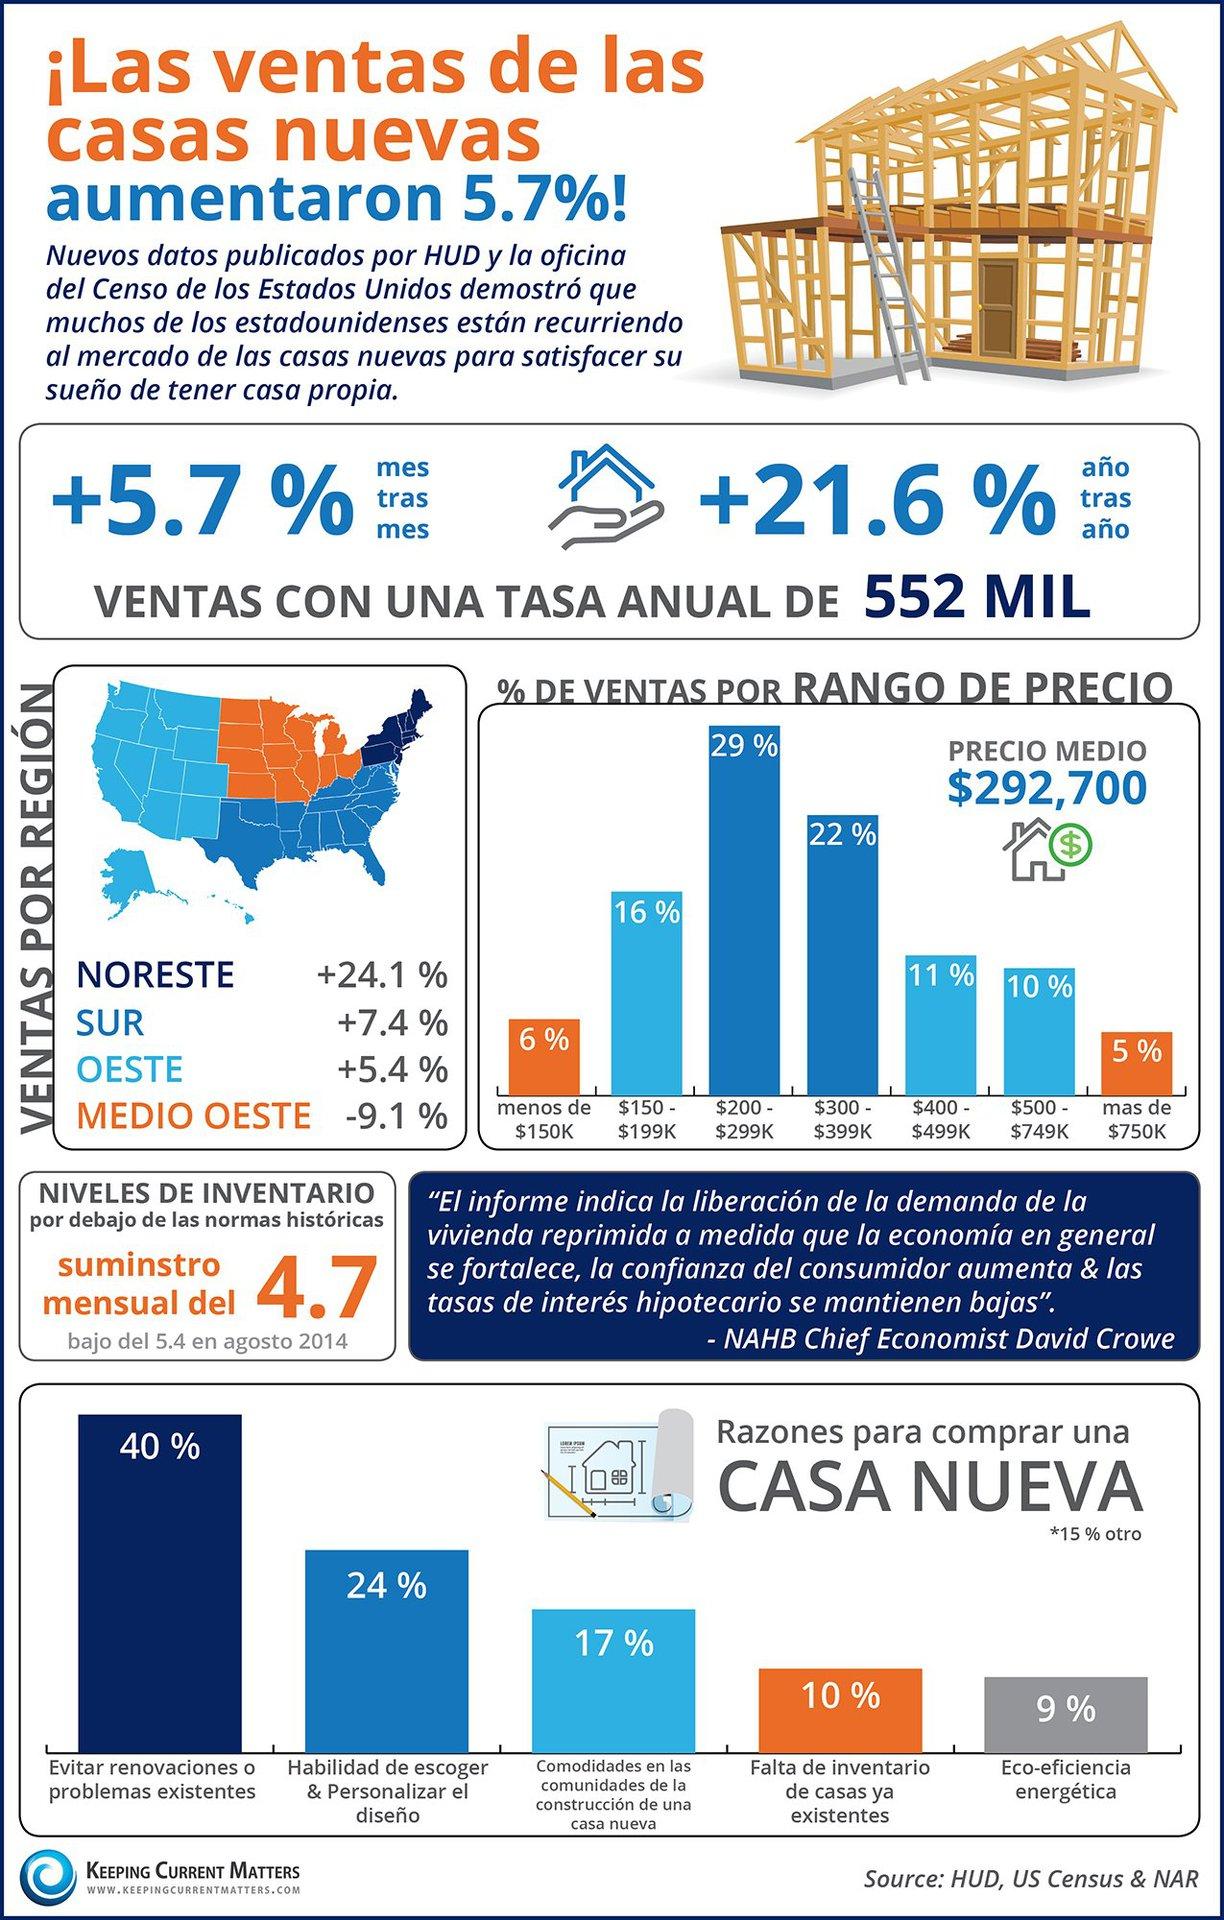 ¡Las ventas de las casas nuevas aumentaron 5.7 %! | Keeping Current Matters